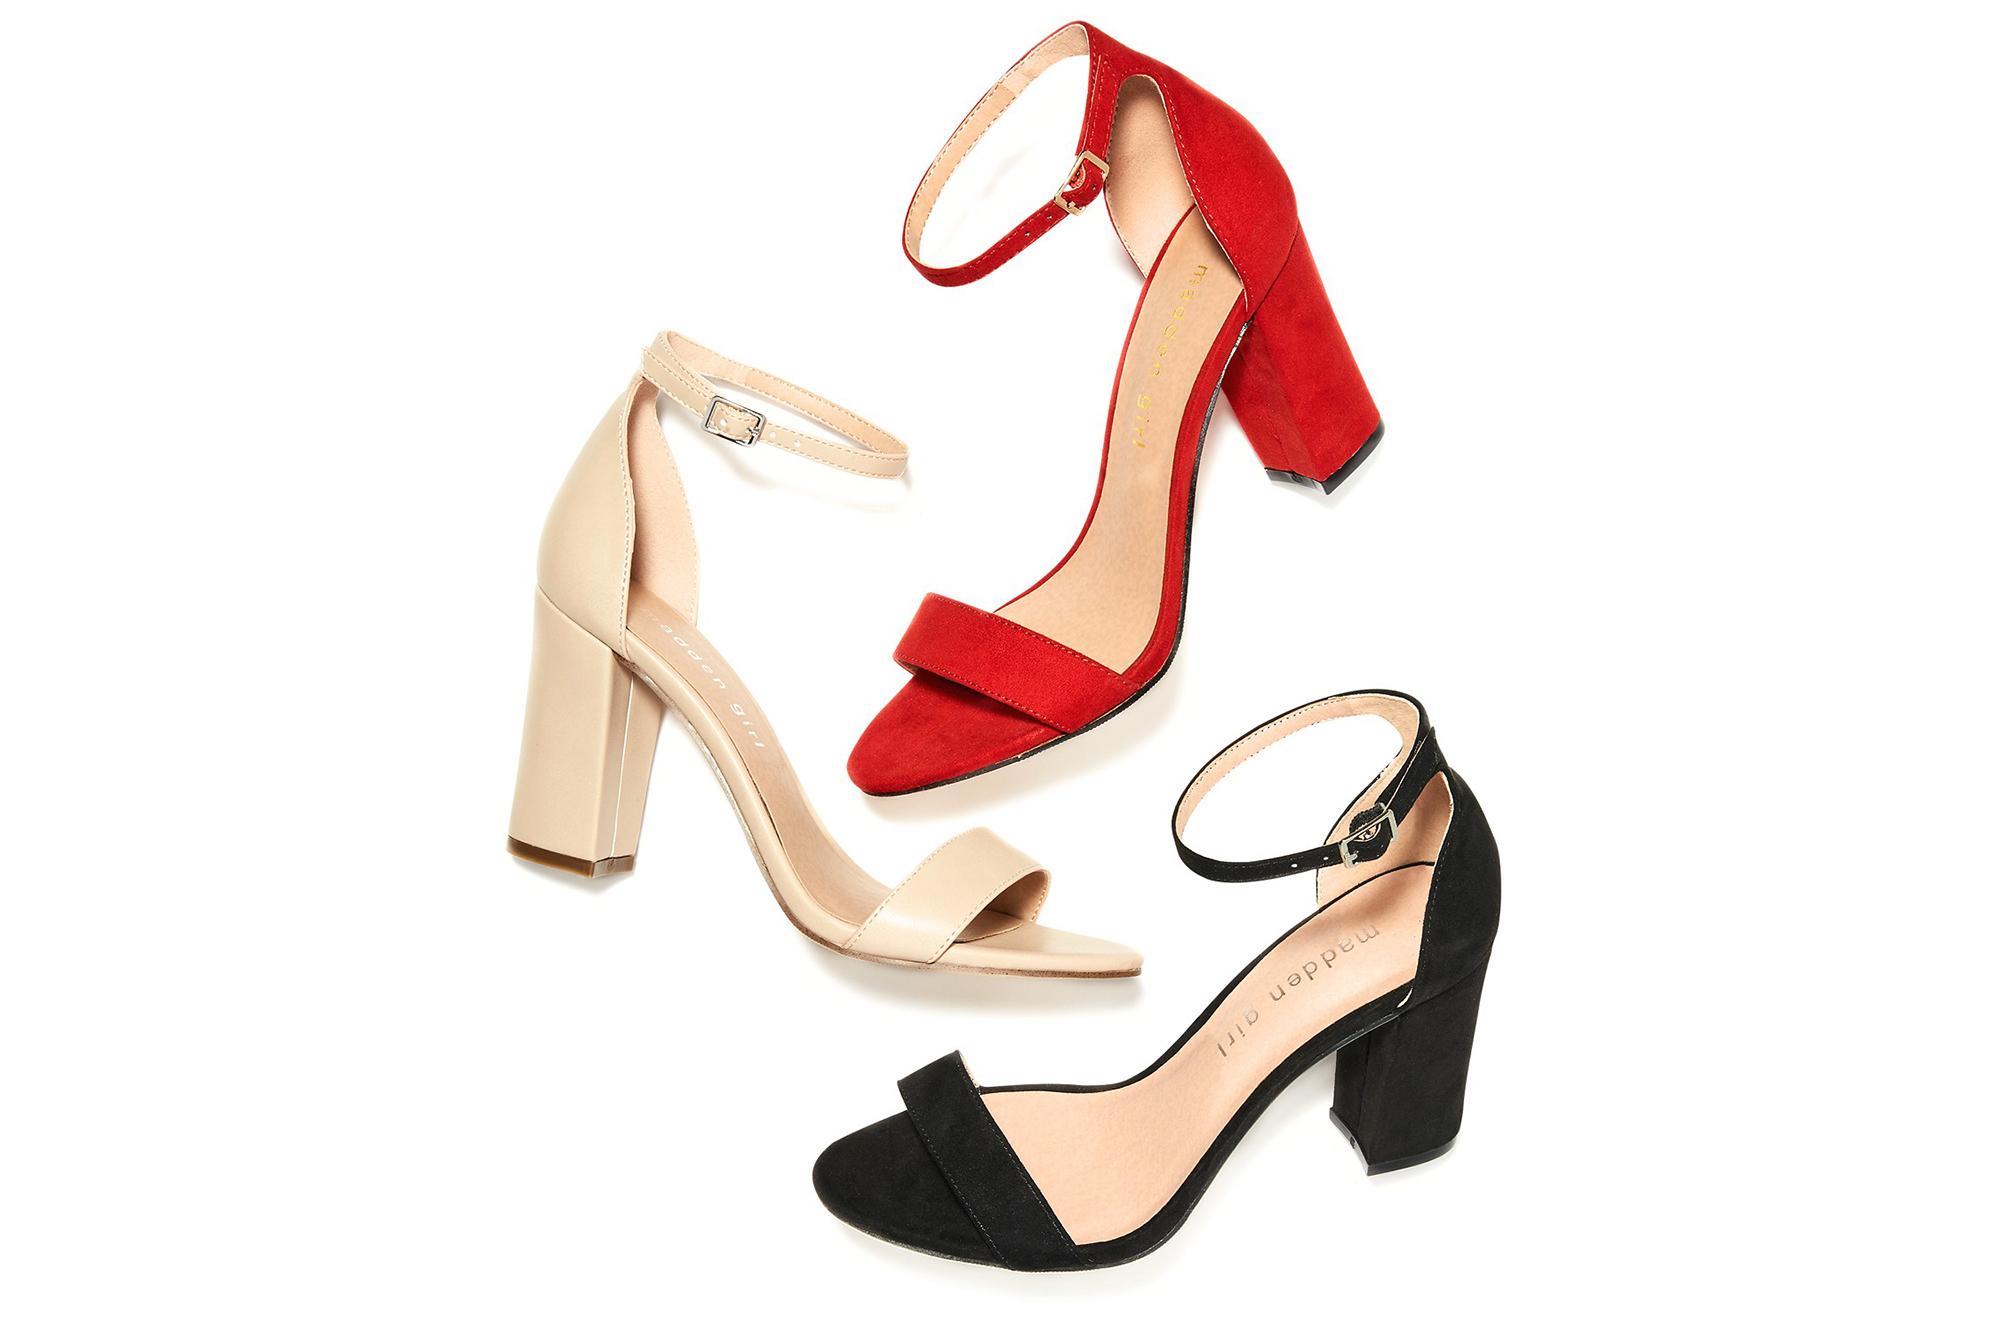 Comfy Block Heel Sandals That Let Your